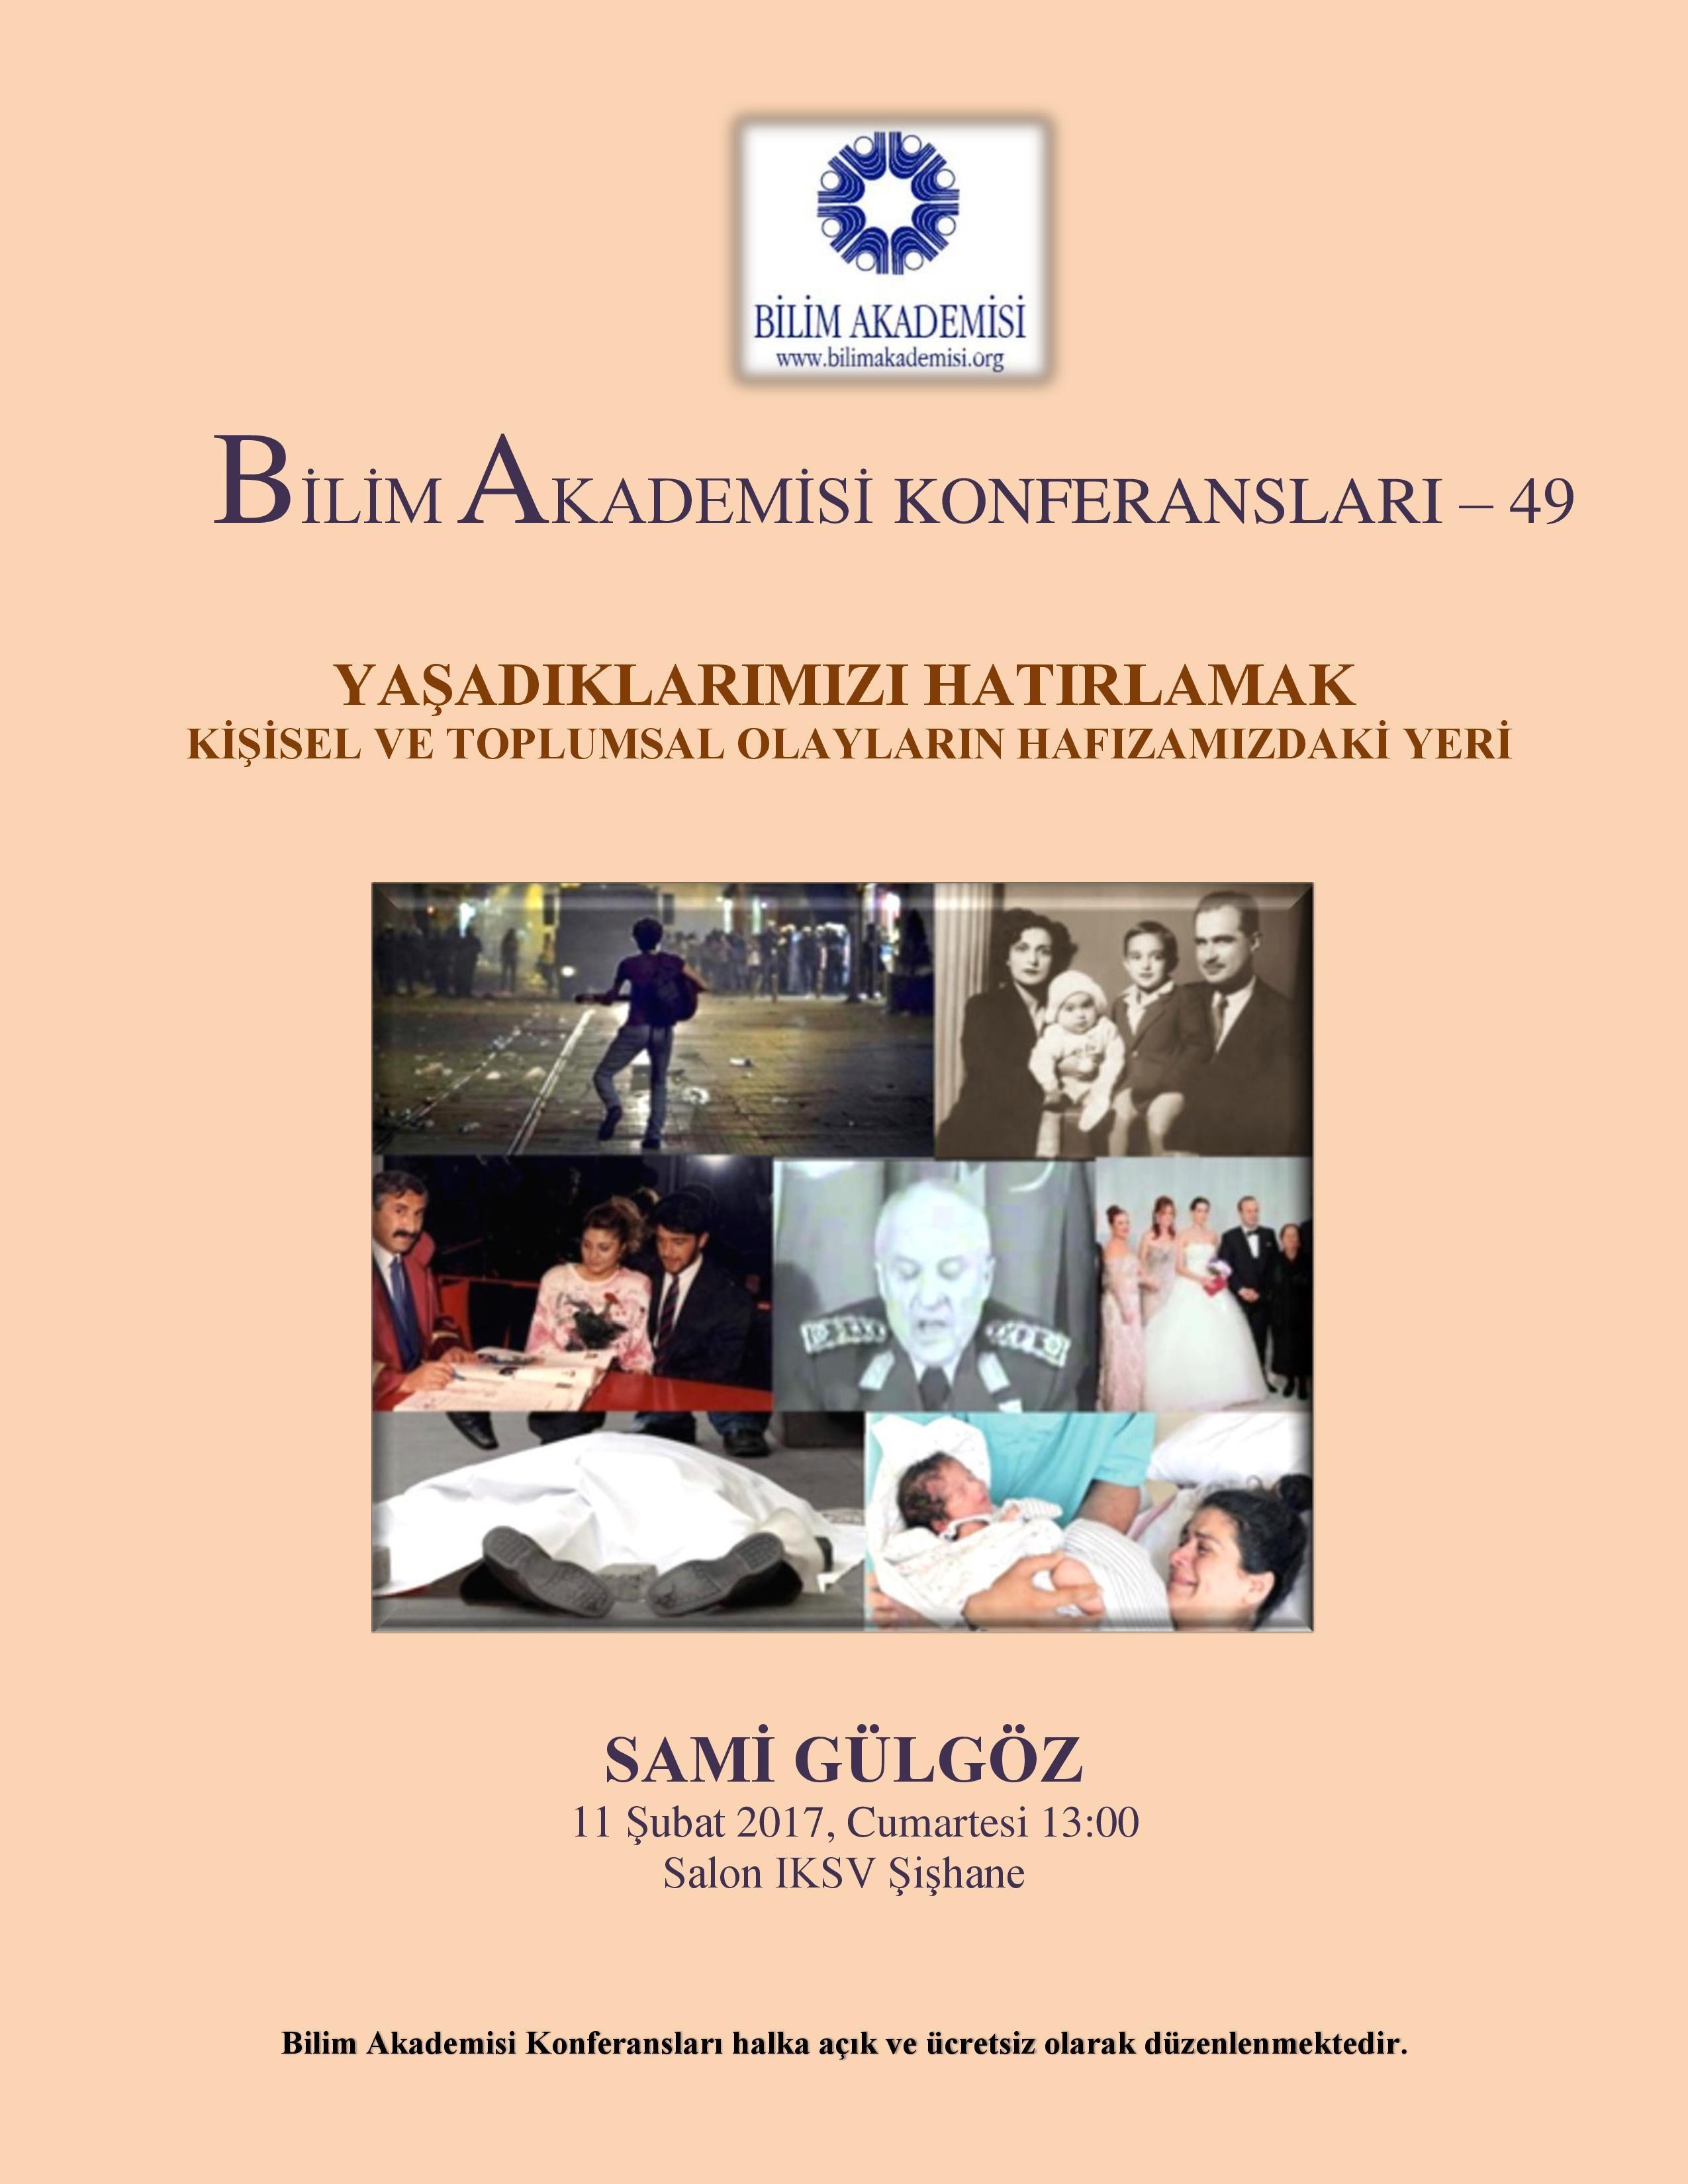 Yaşadıklarımızı Hatırlamak: Kişisel ve Toplumsal Olayların Hafızamızdaki Yeri - Konuşmacı : Sami Gülgöz